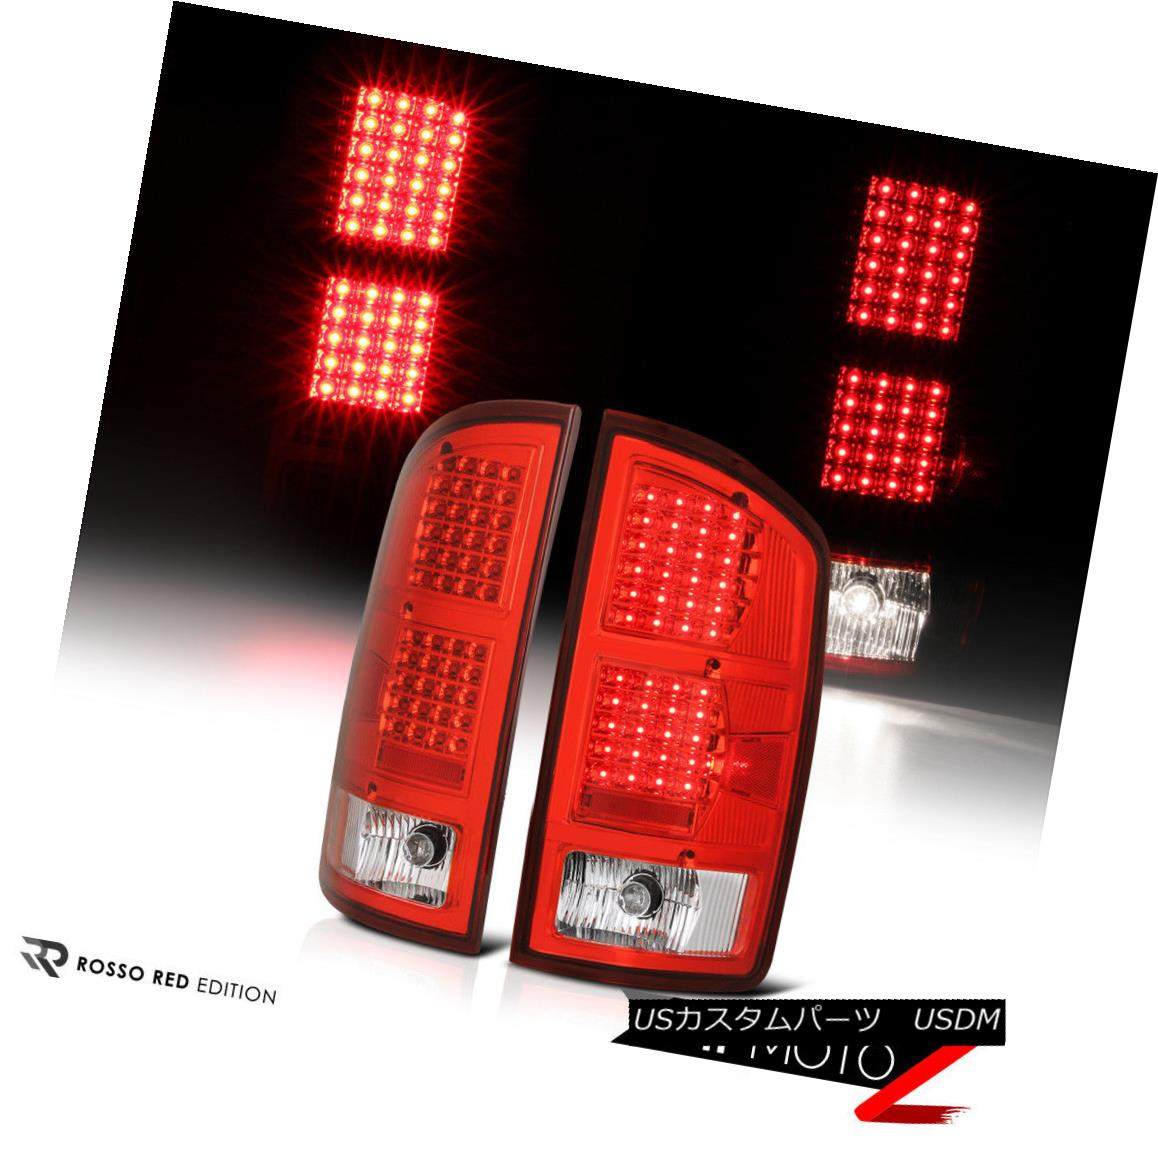 テールライト 2002-2006 Dodge RAM 1500 2500 3500 {Factory RED} LED Tail Lights Lamps Pair L+R 2002-2006 Dodge RAM 1500 2500 3500 {Factory RED} LEDテールライトランプペアL + R